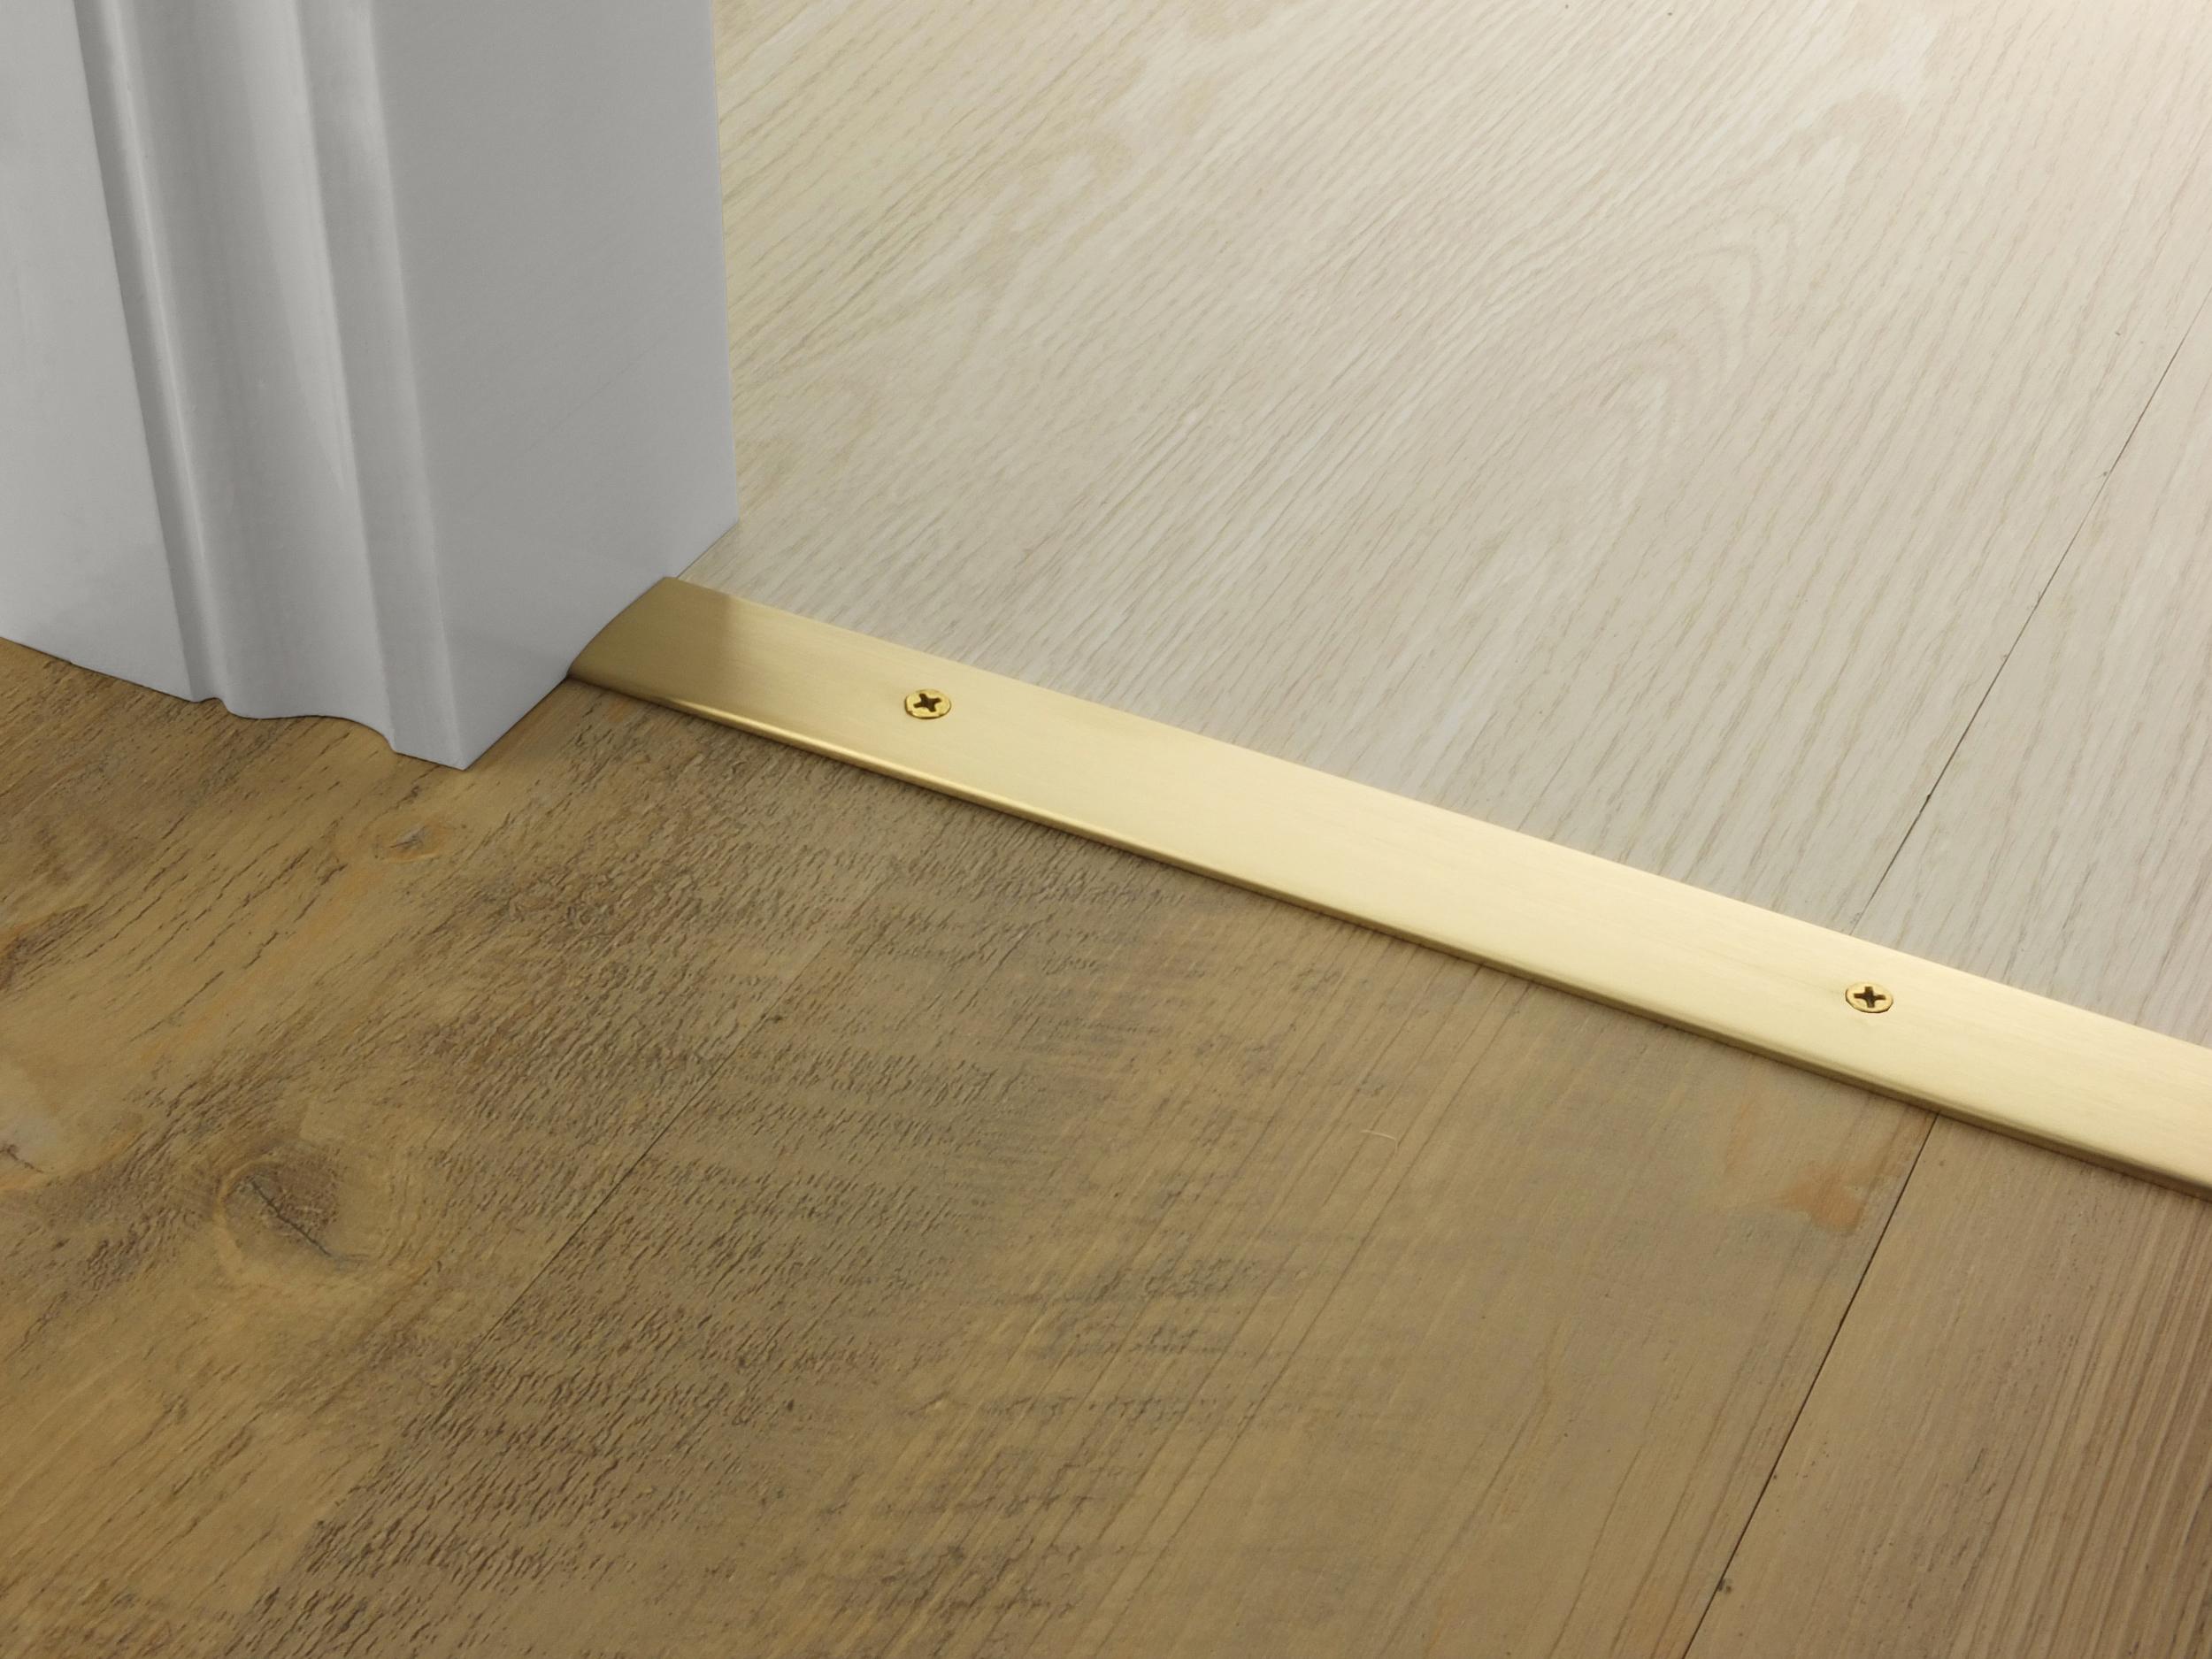 door_bar_cover-30mm_h2h_satin_brass.jpg